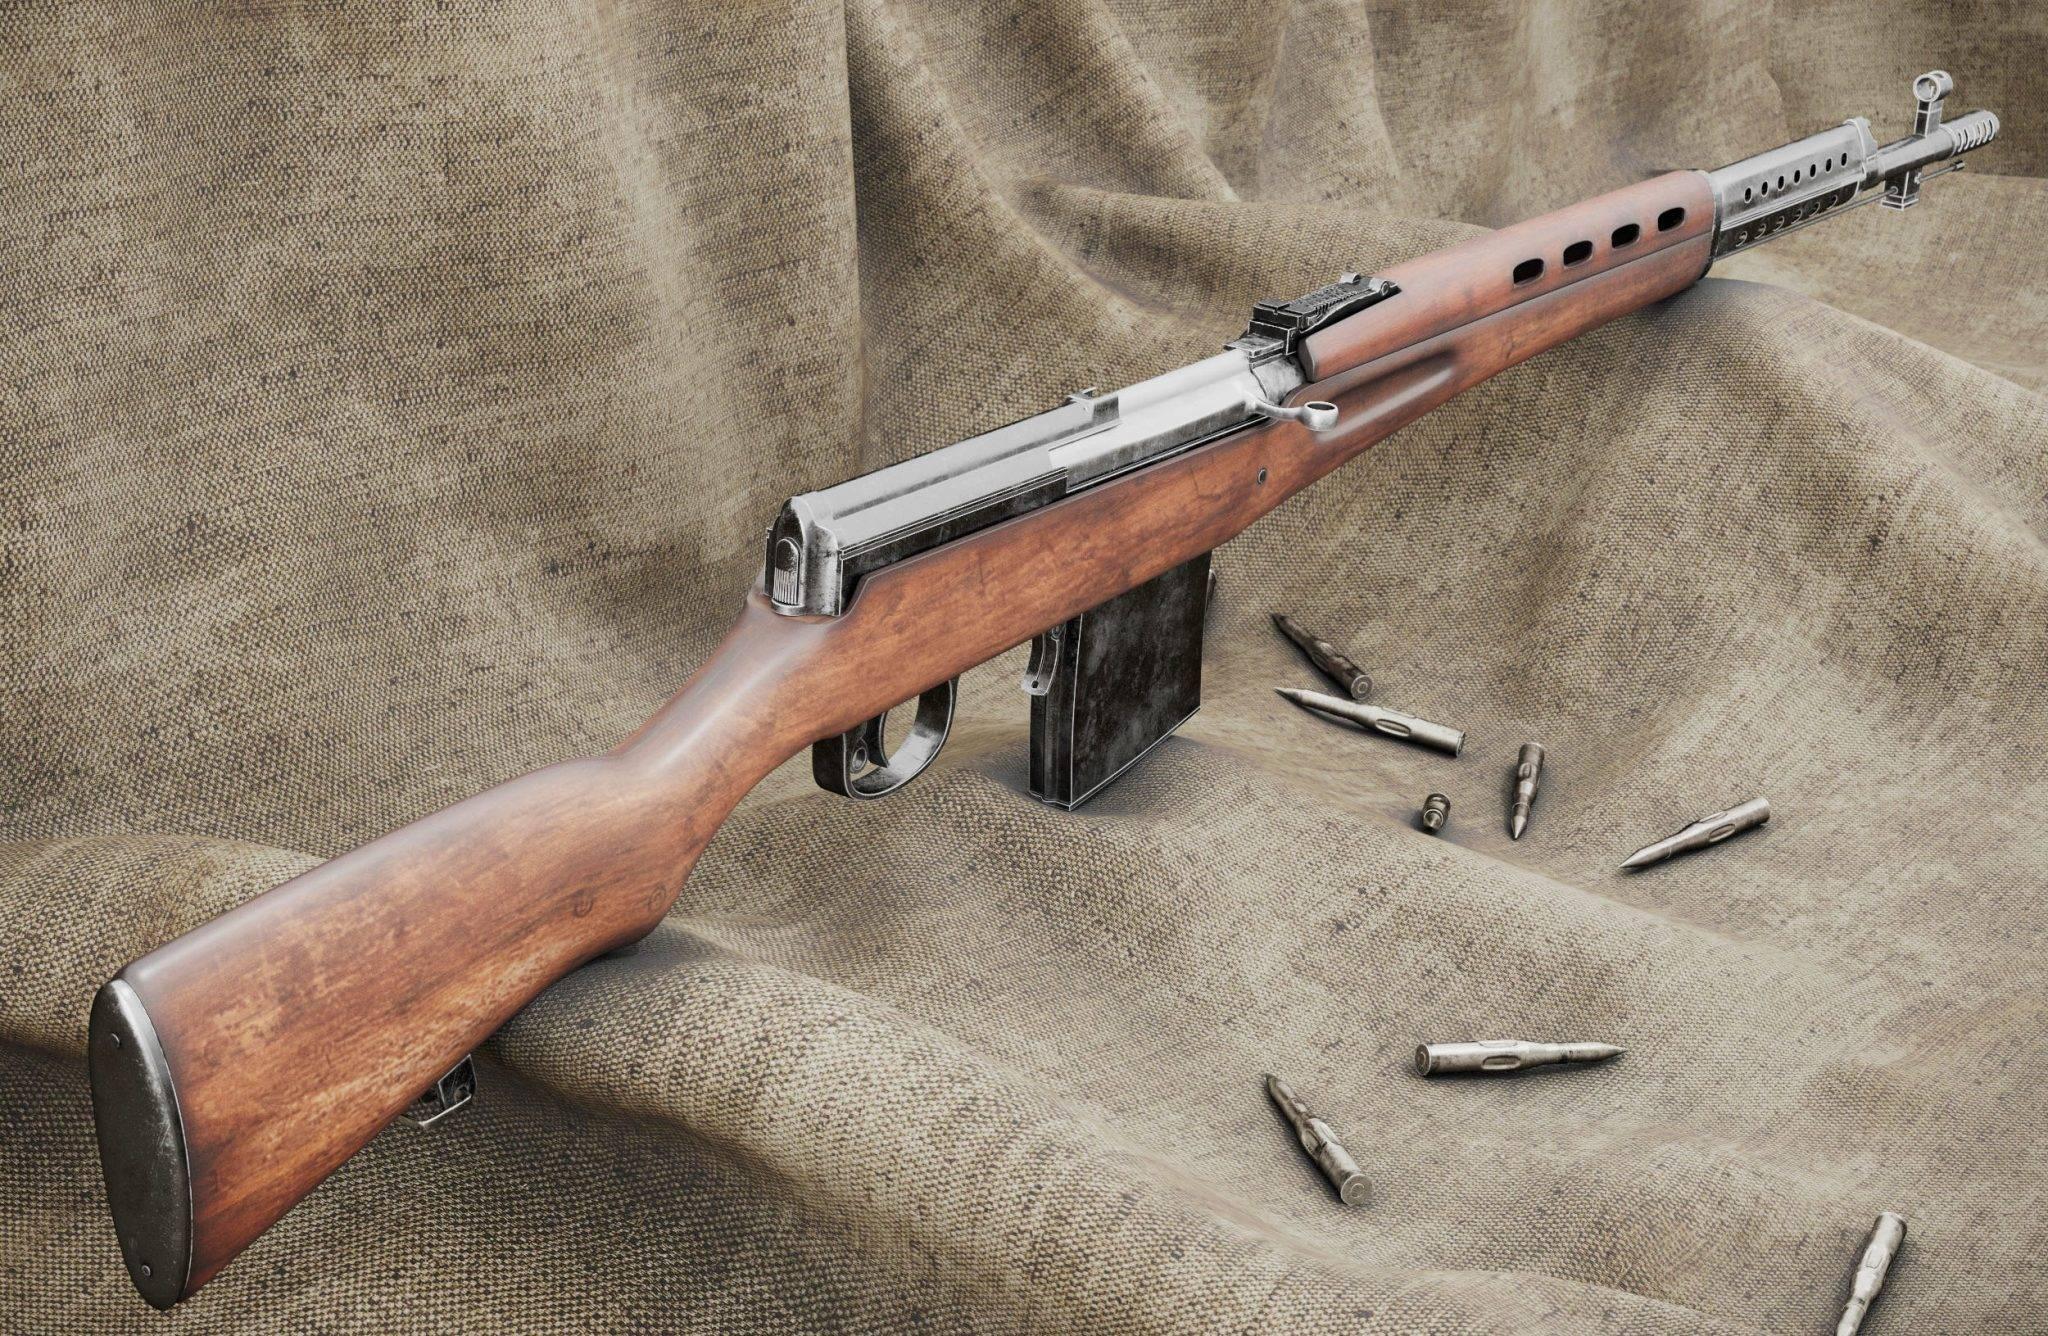 Свт-40: снайперская винтовка токарева, технические характеристики, устройство карабина